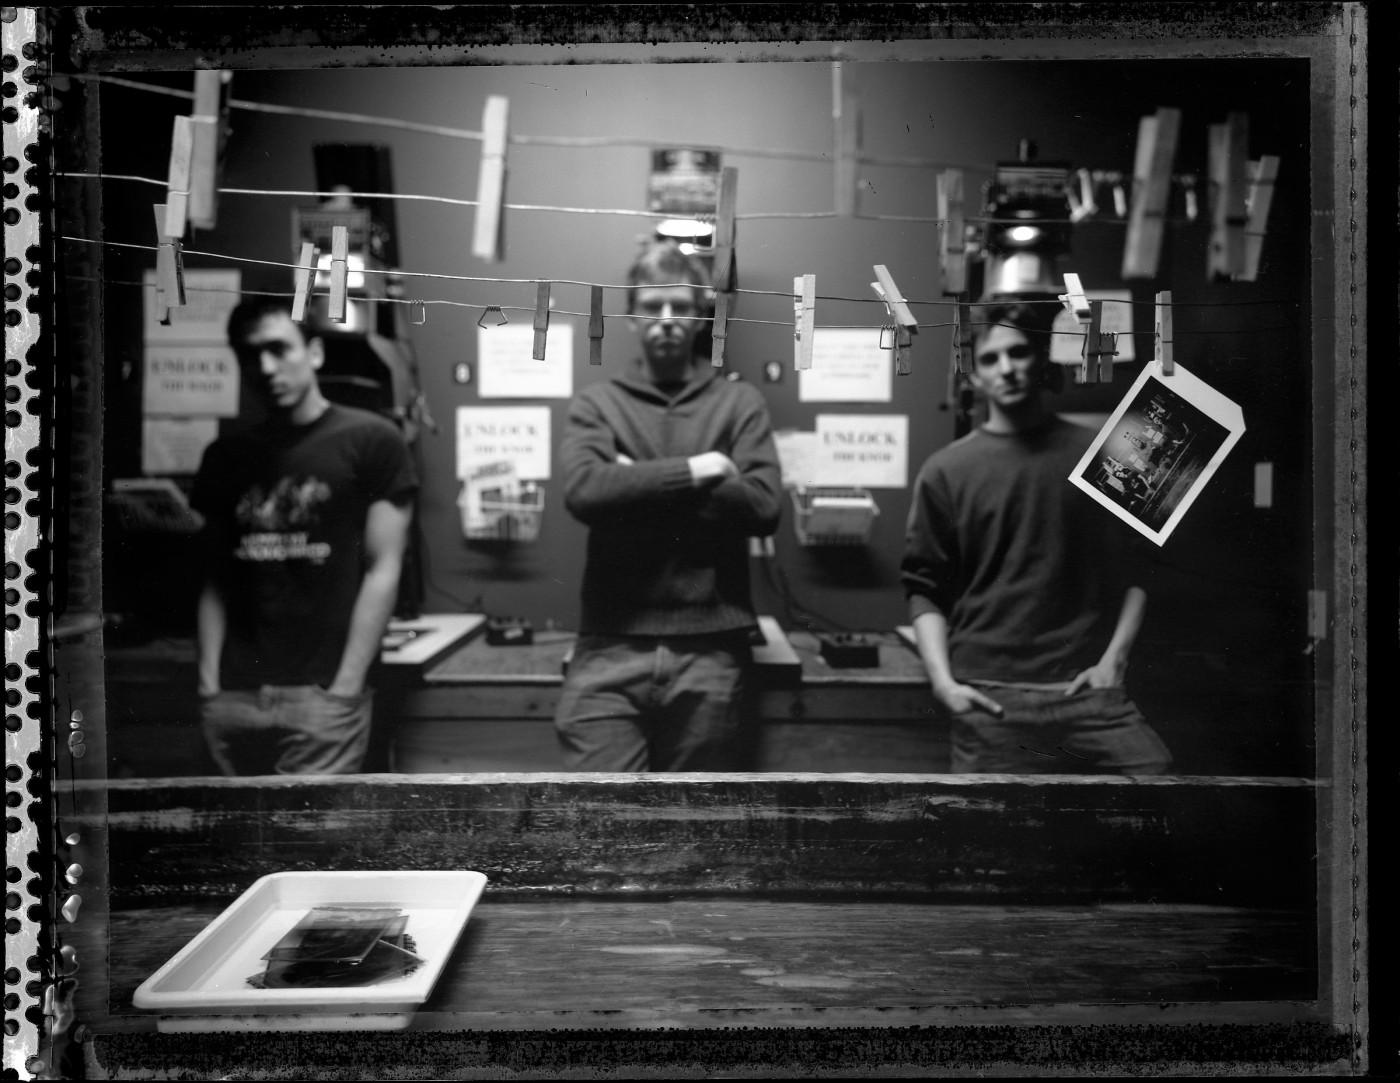 Paul Sergeant, Greg Snow, Stuart Sakai, </span><span><em>Developing Digital, 2007</em>, </span><span>,   x